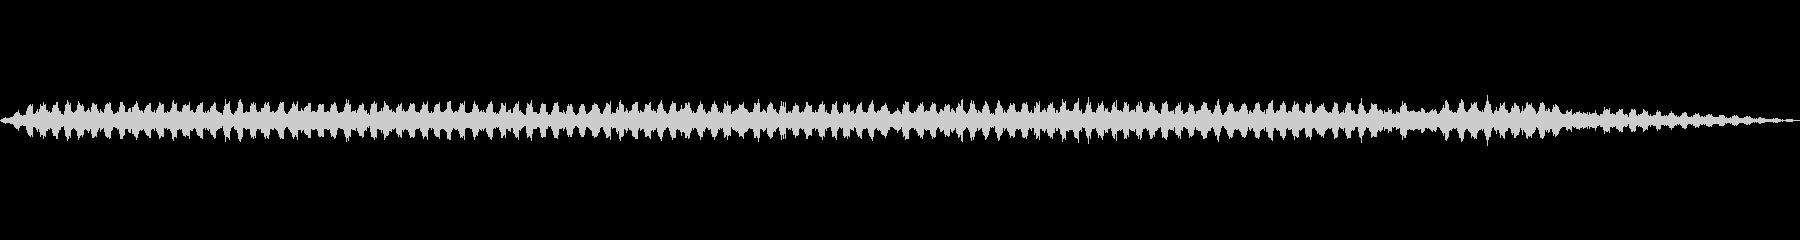 虫の声(環境音)の未再生の波形